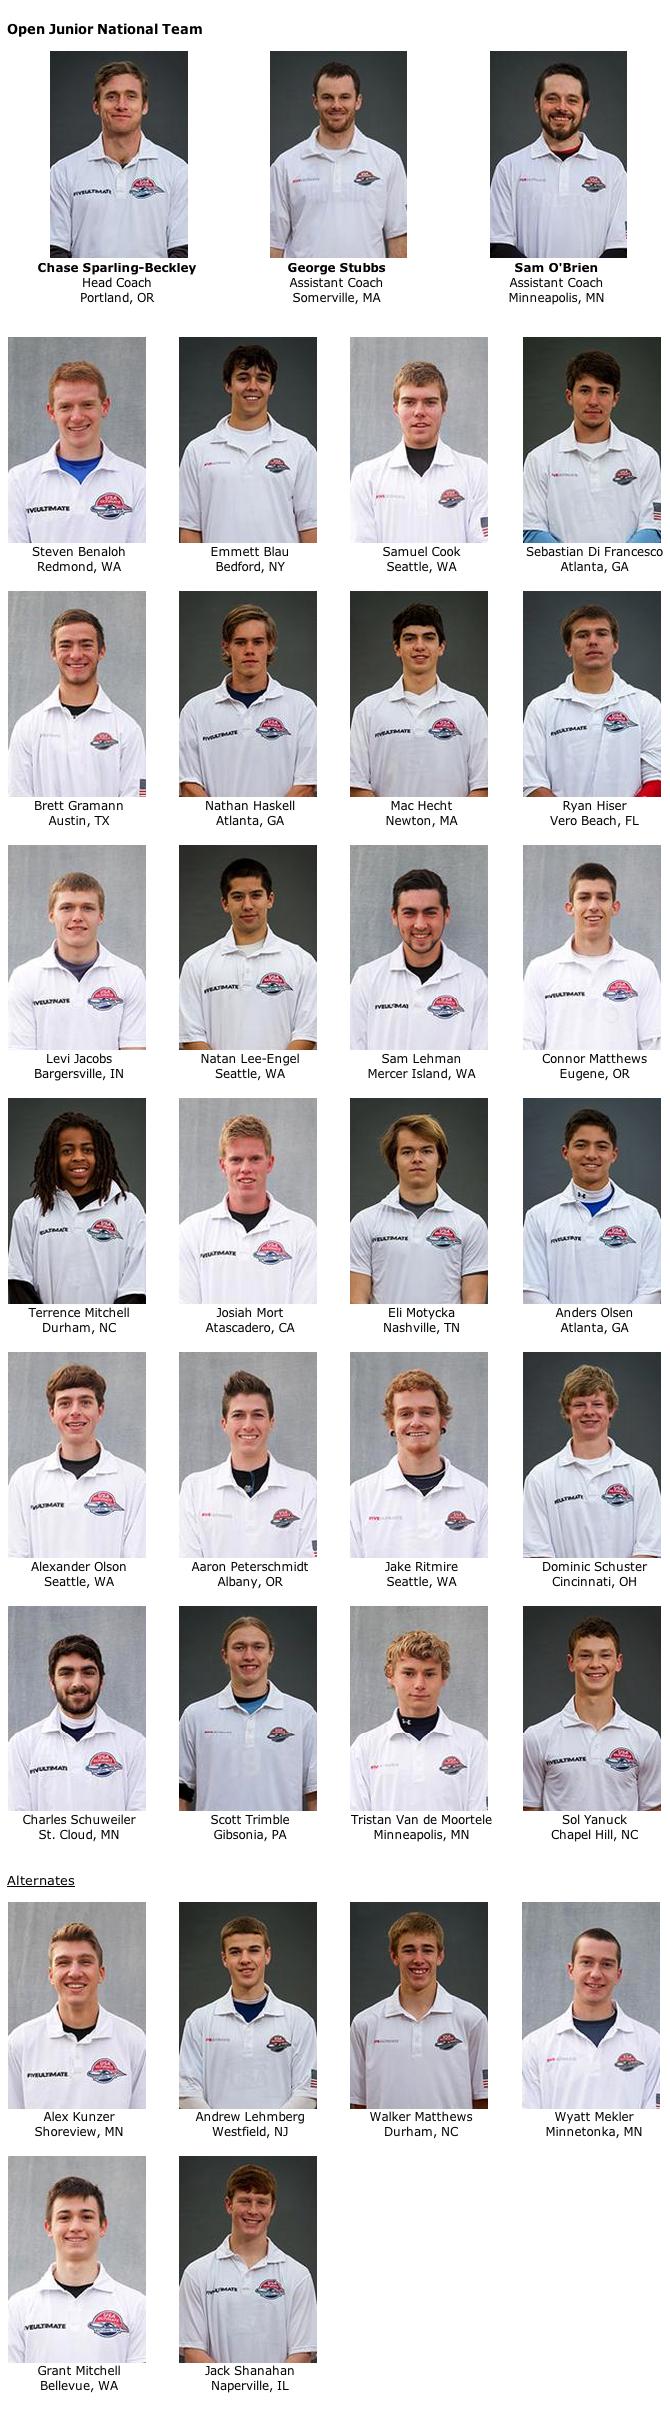 2014 USA Ultimate Boys U19 Team.